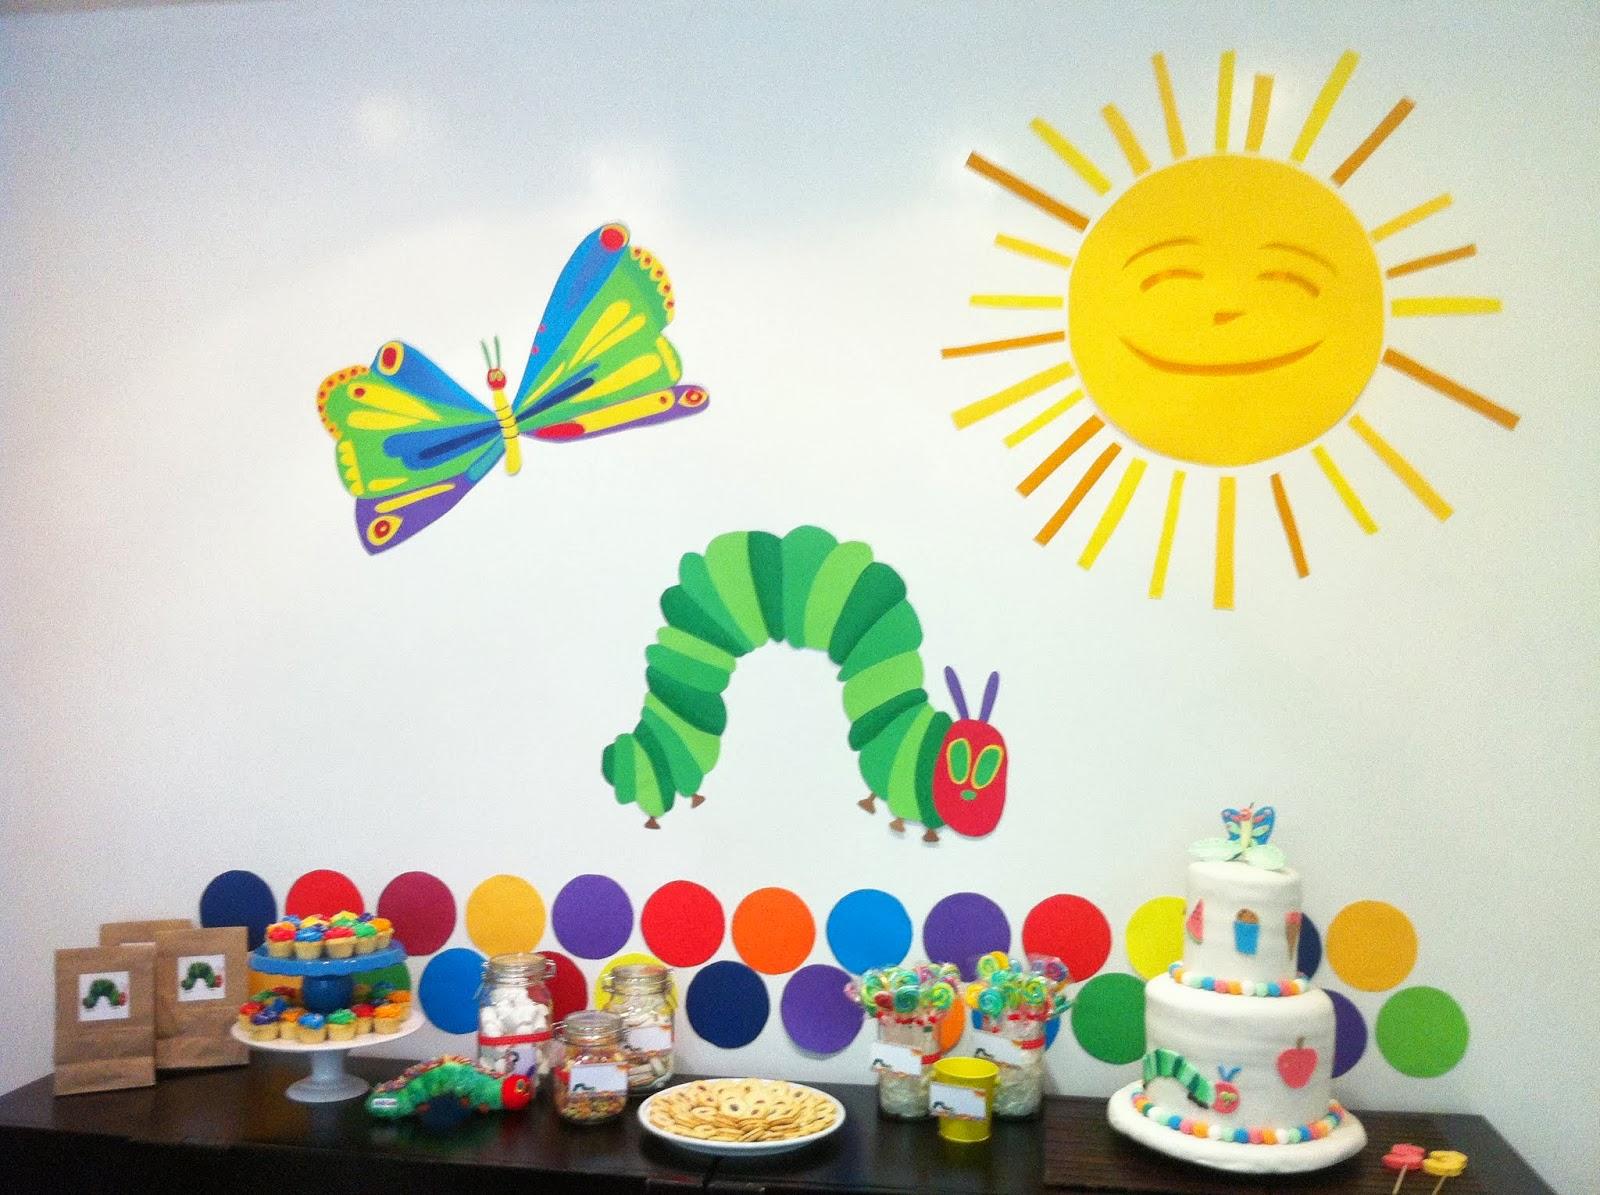 Montessori Classroom Wall Design ~ The gallery for gt montessori classroom wall decoration